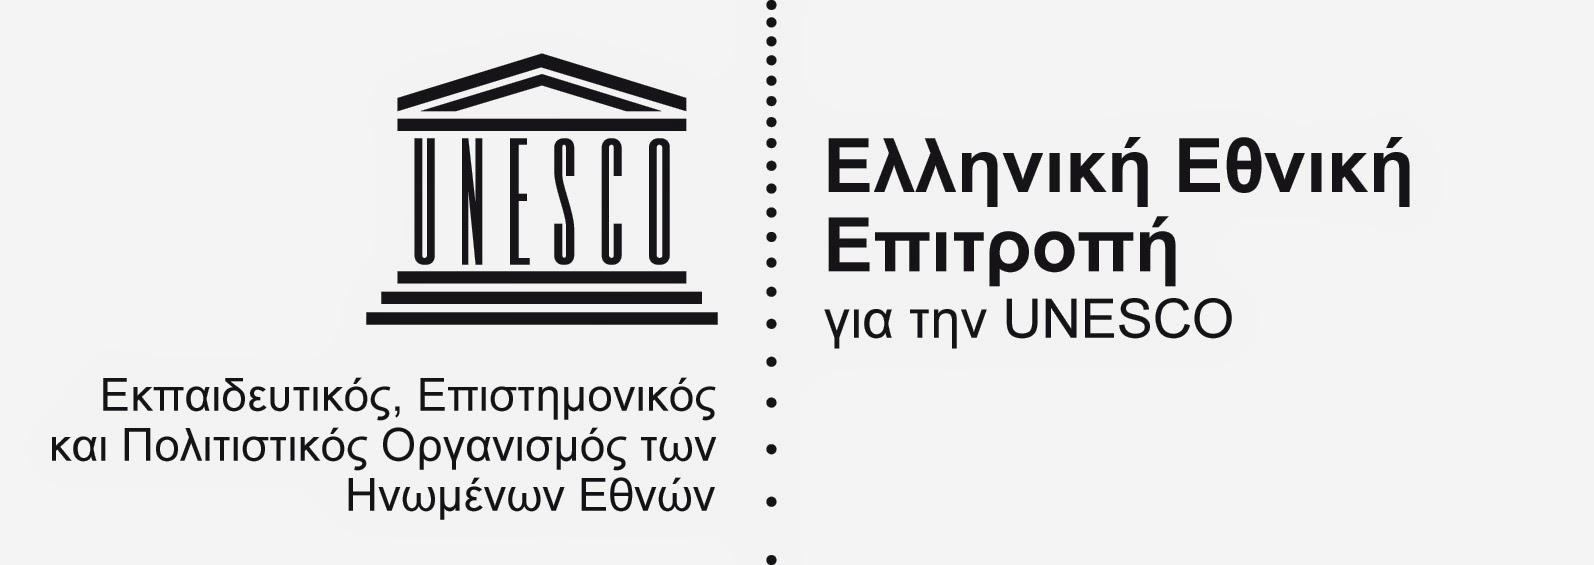 """Η Ελληνική Εθνική Επιτροπή για την UNESCO θέτει υπό την αιγίδα της την εκδήλωση """"Η Φιλοσοφία επιστρέφει"""" - ΝΕΑ ΑΚΡΟΠΟΛΗ"""